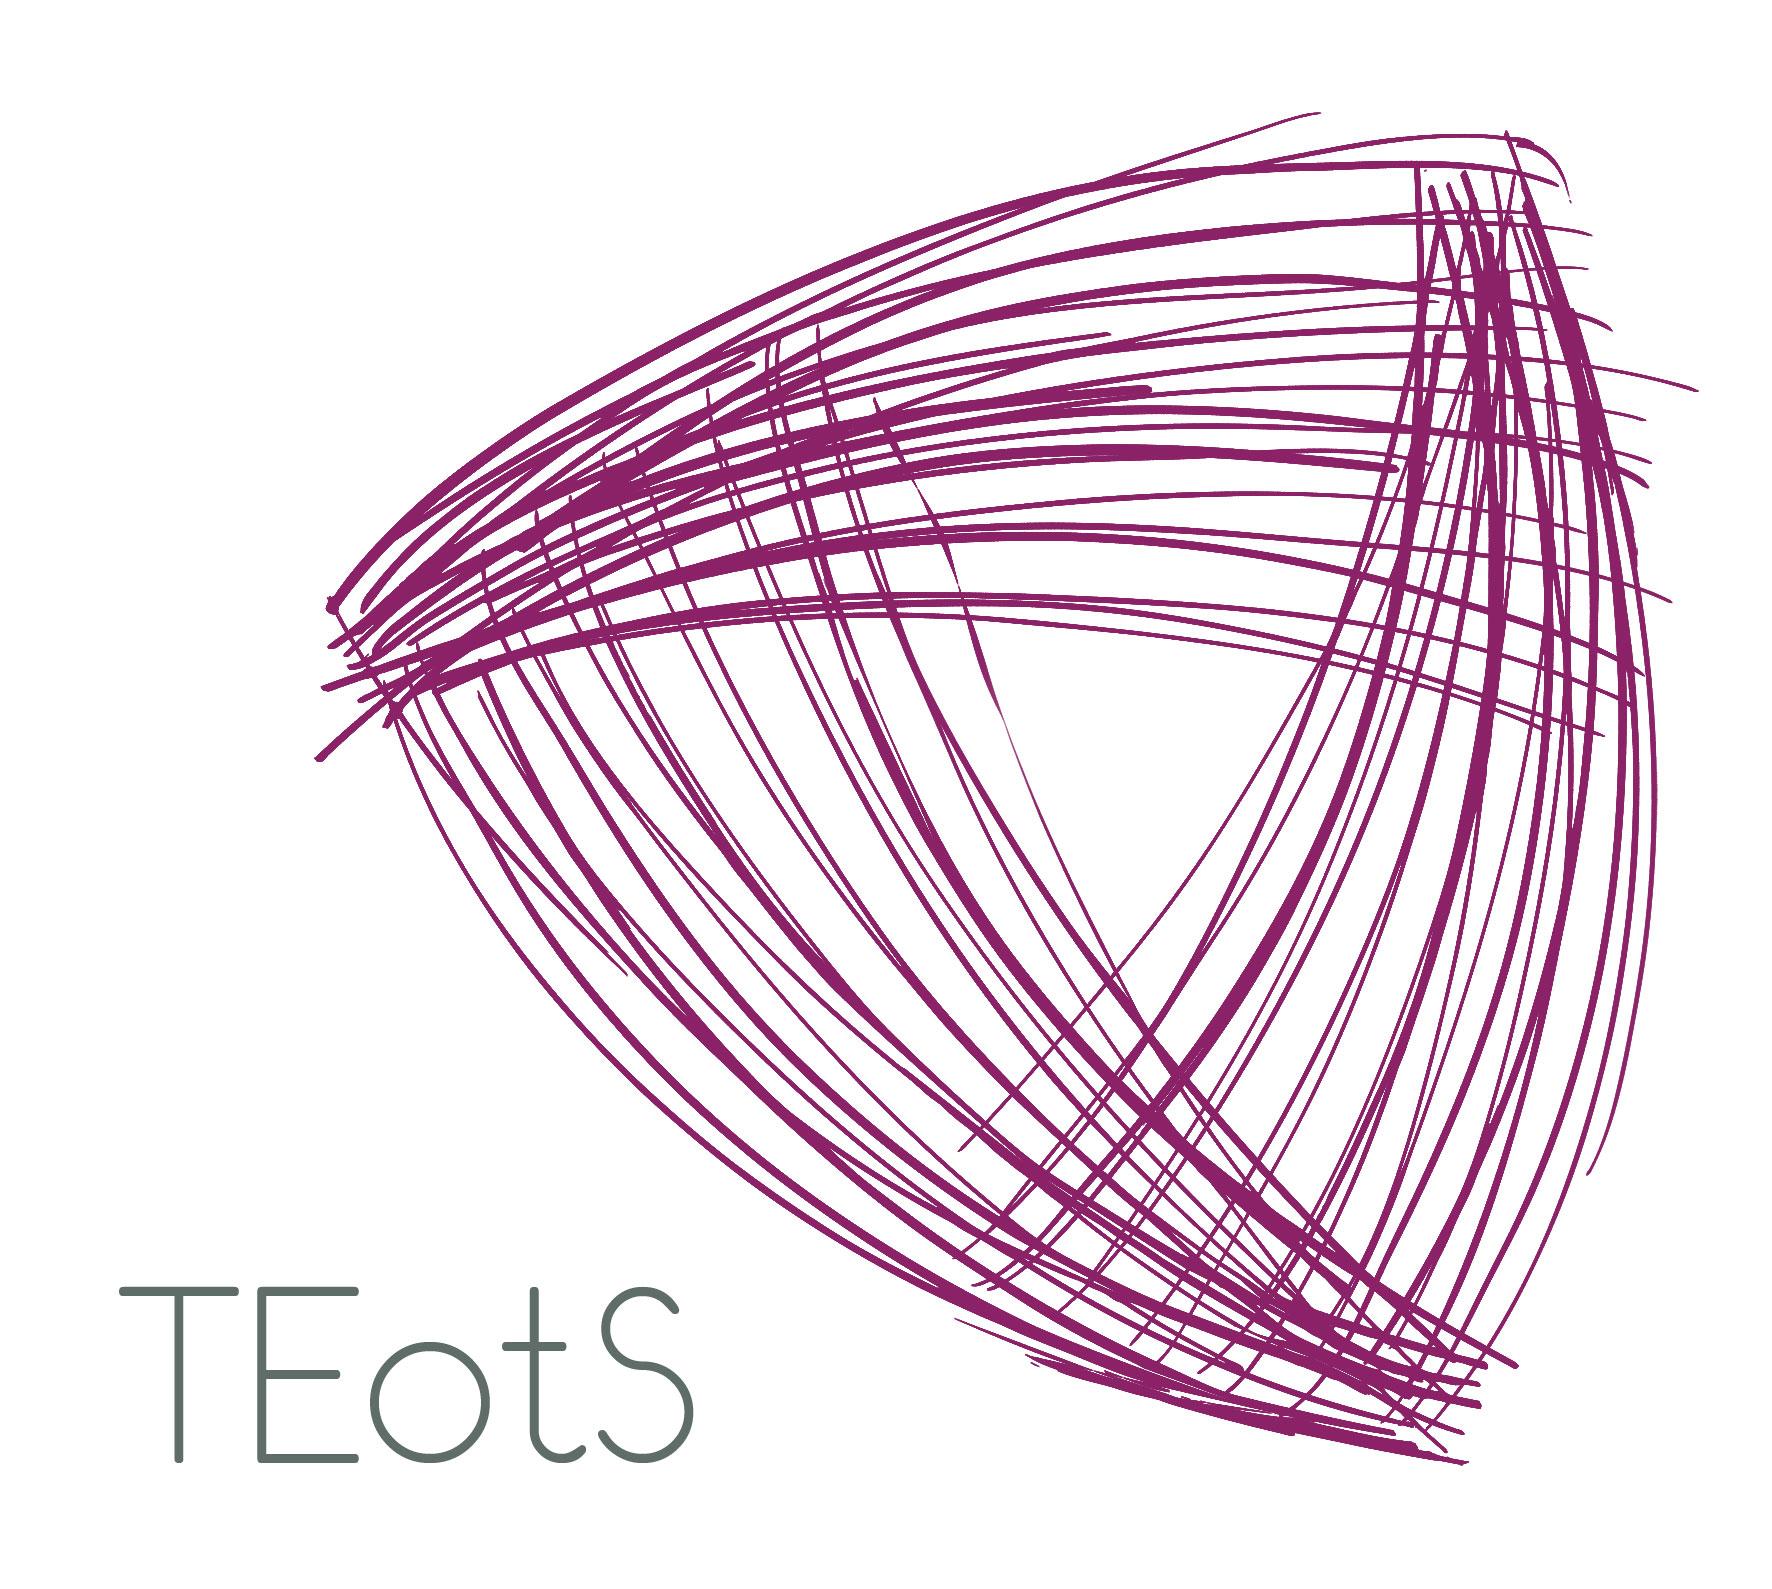 TEOTS_Medium-Base-File_Purple